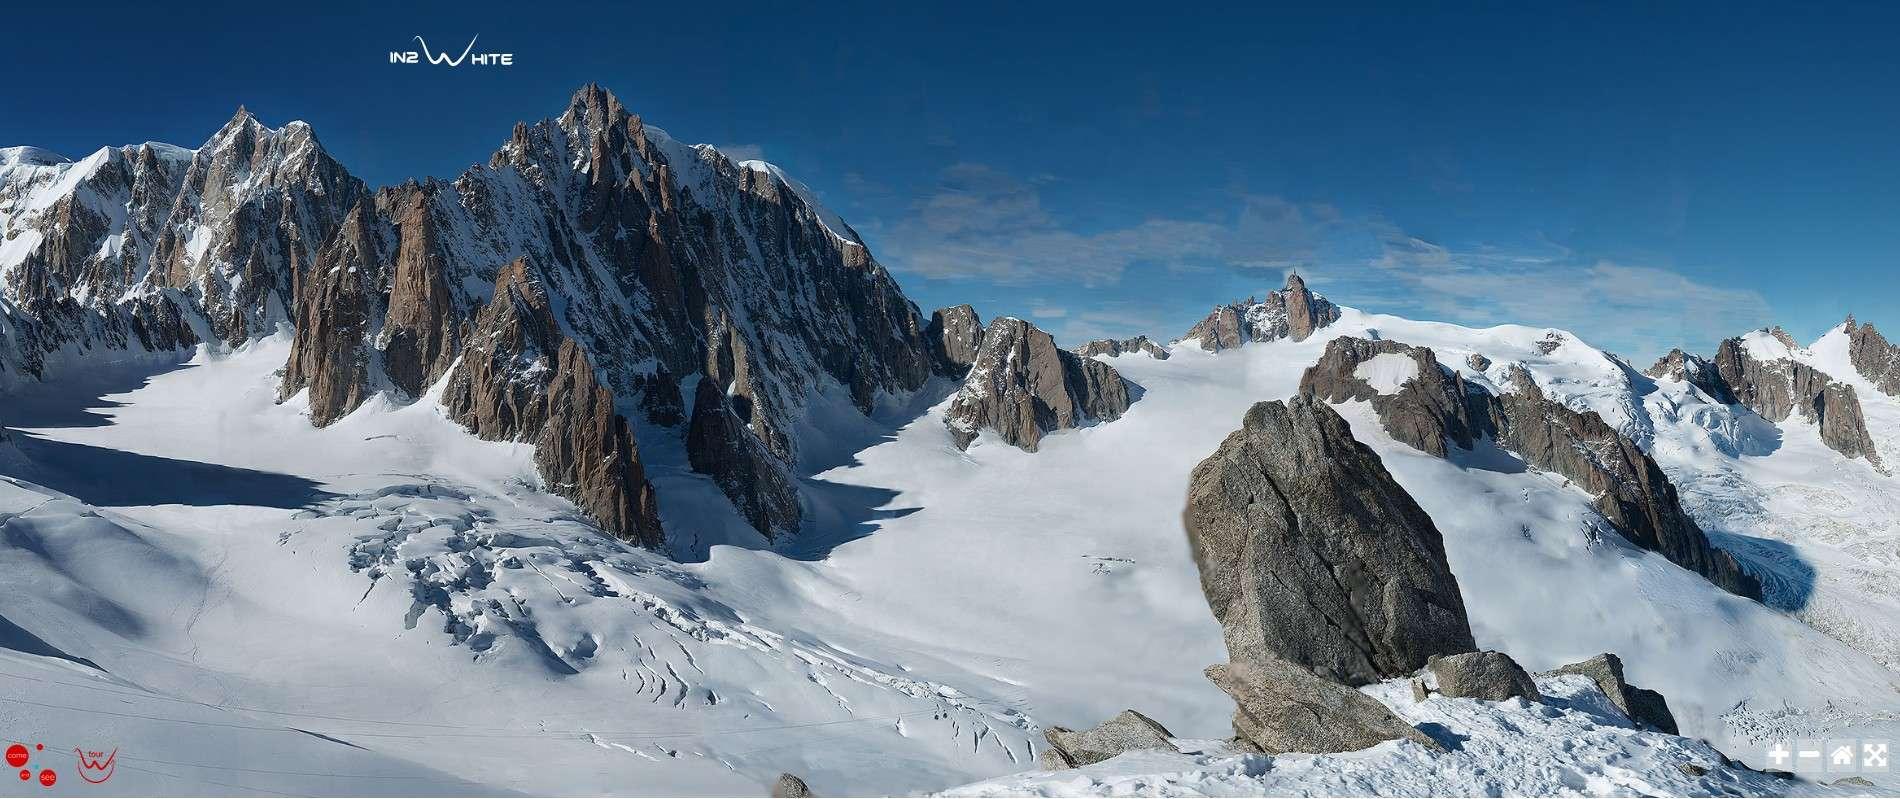 Gigapixels : le Massif du Mont Blanc en 70 000 photos Sans_281